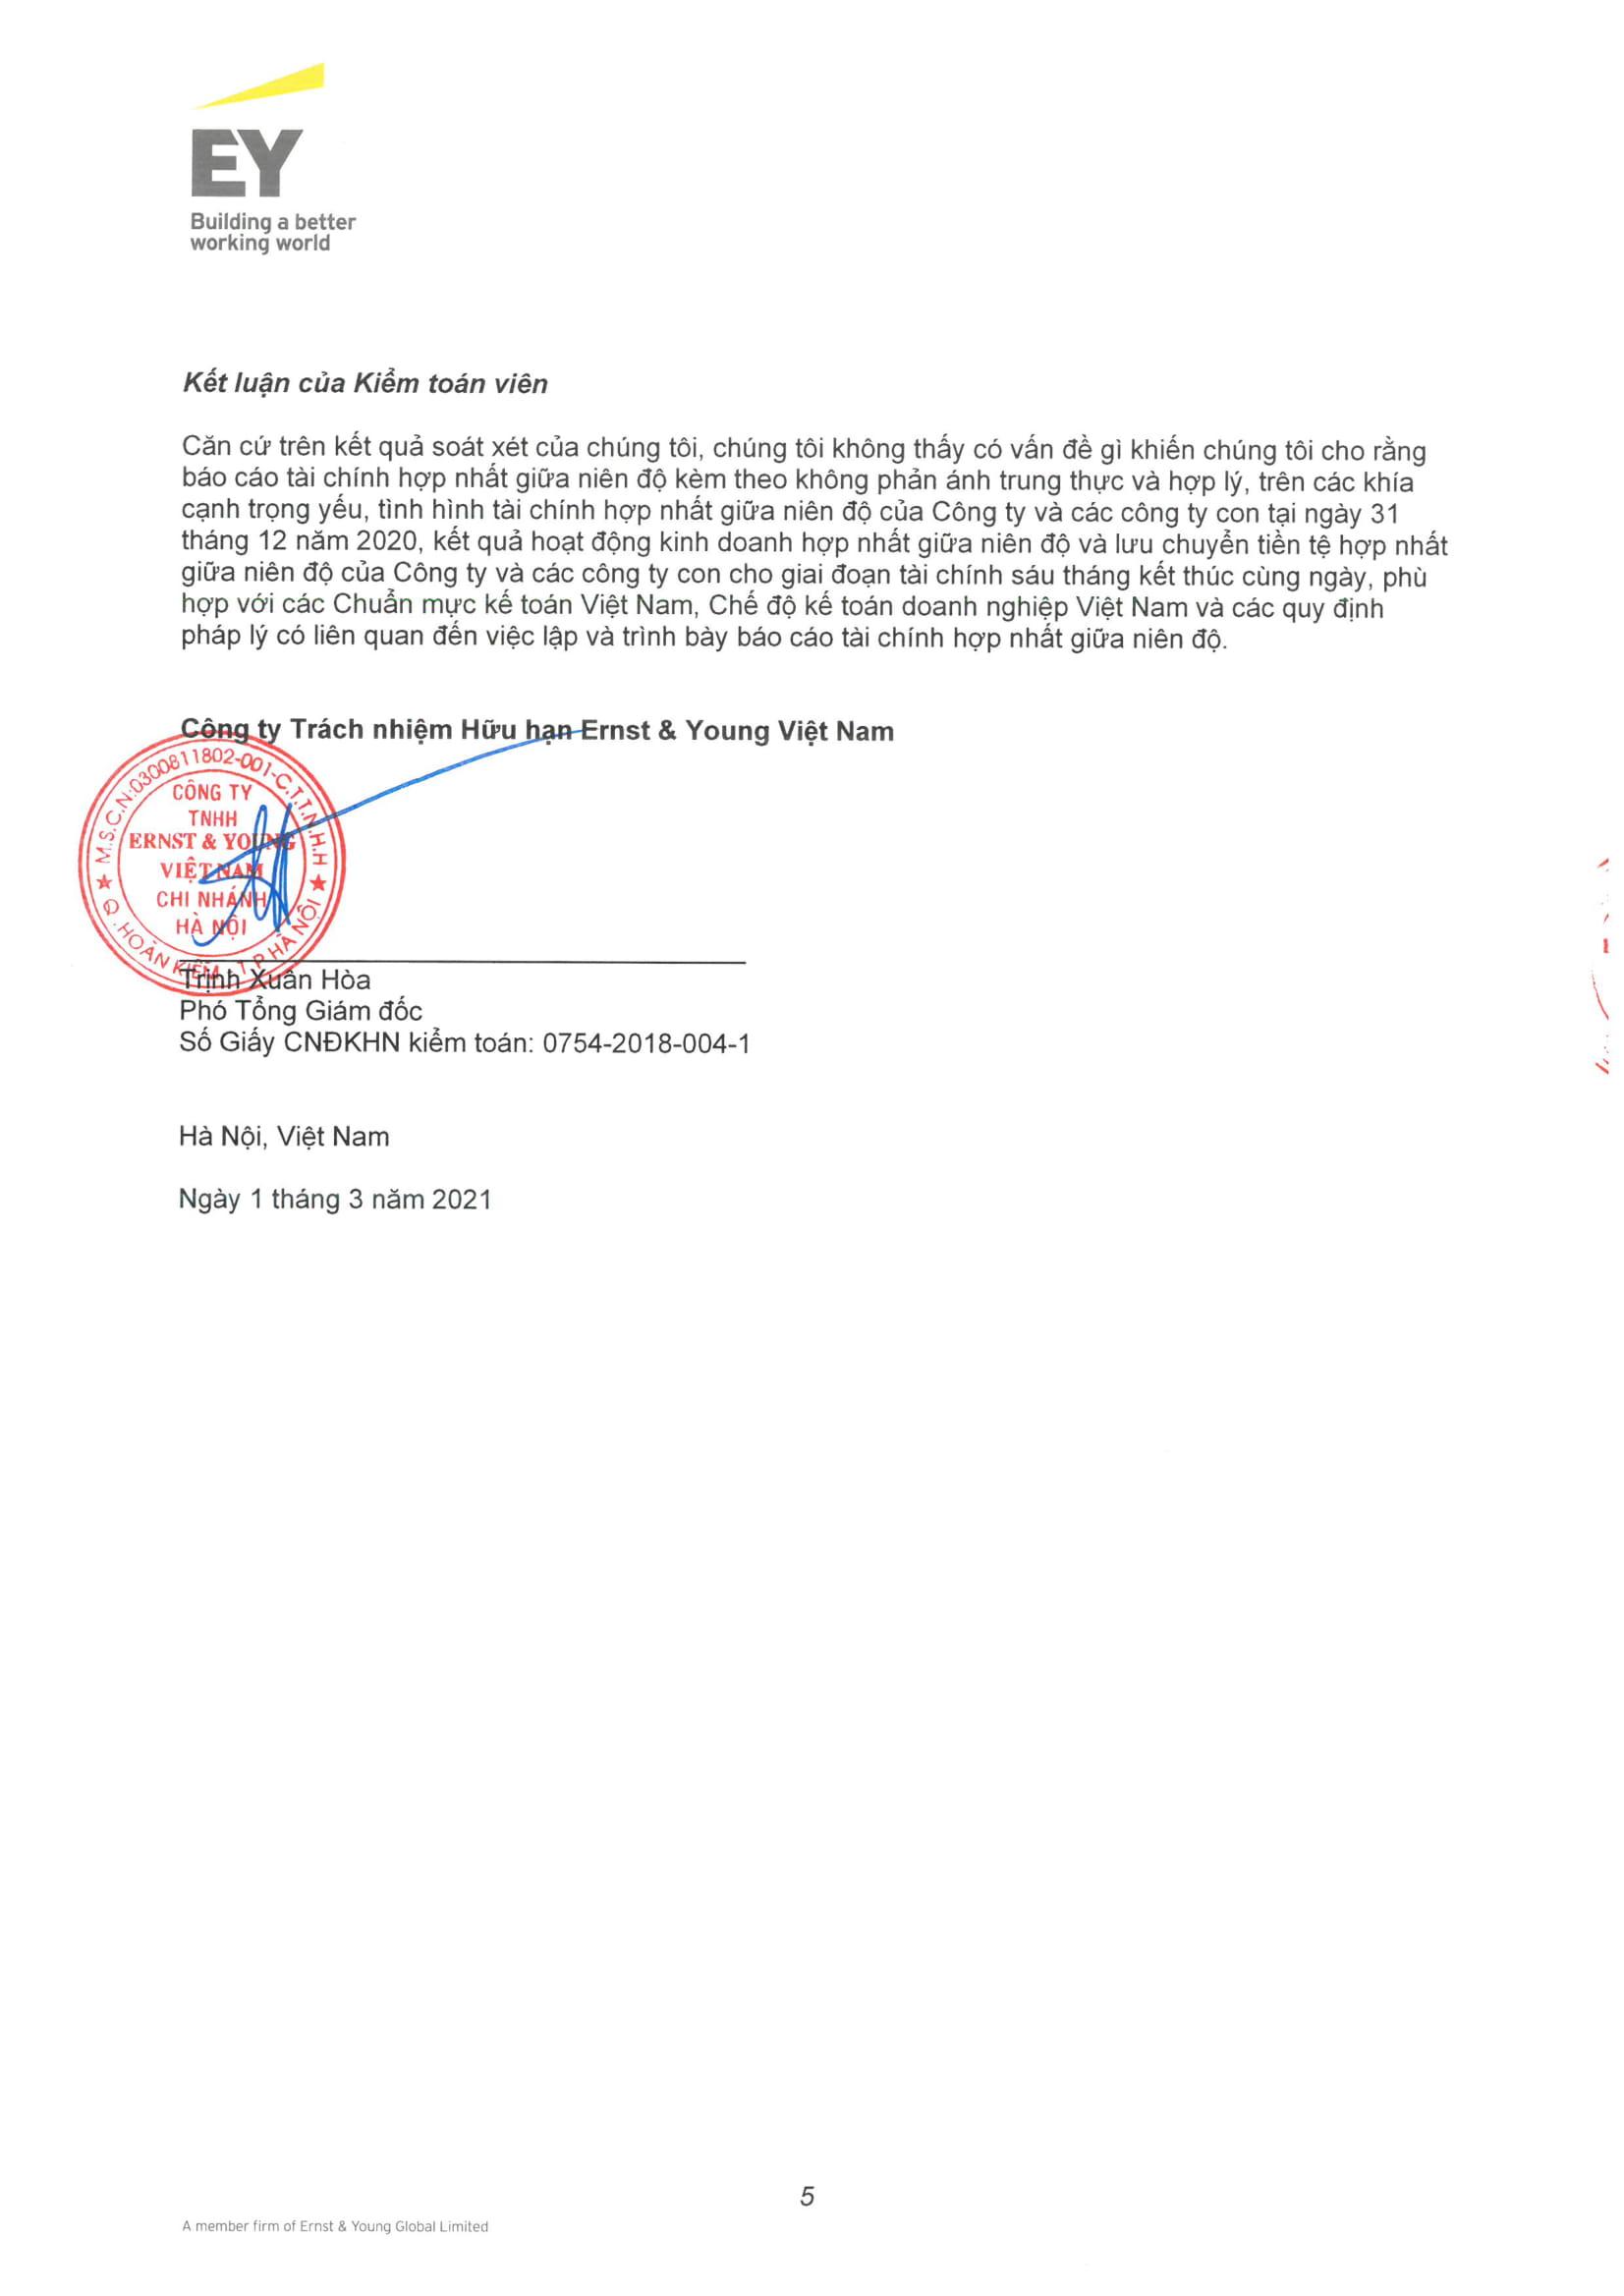 BCTC hợp nhất 31.12.2020-07